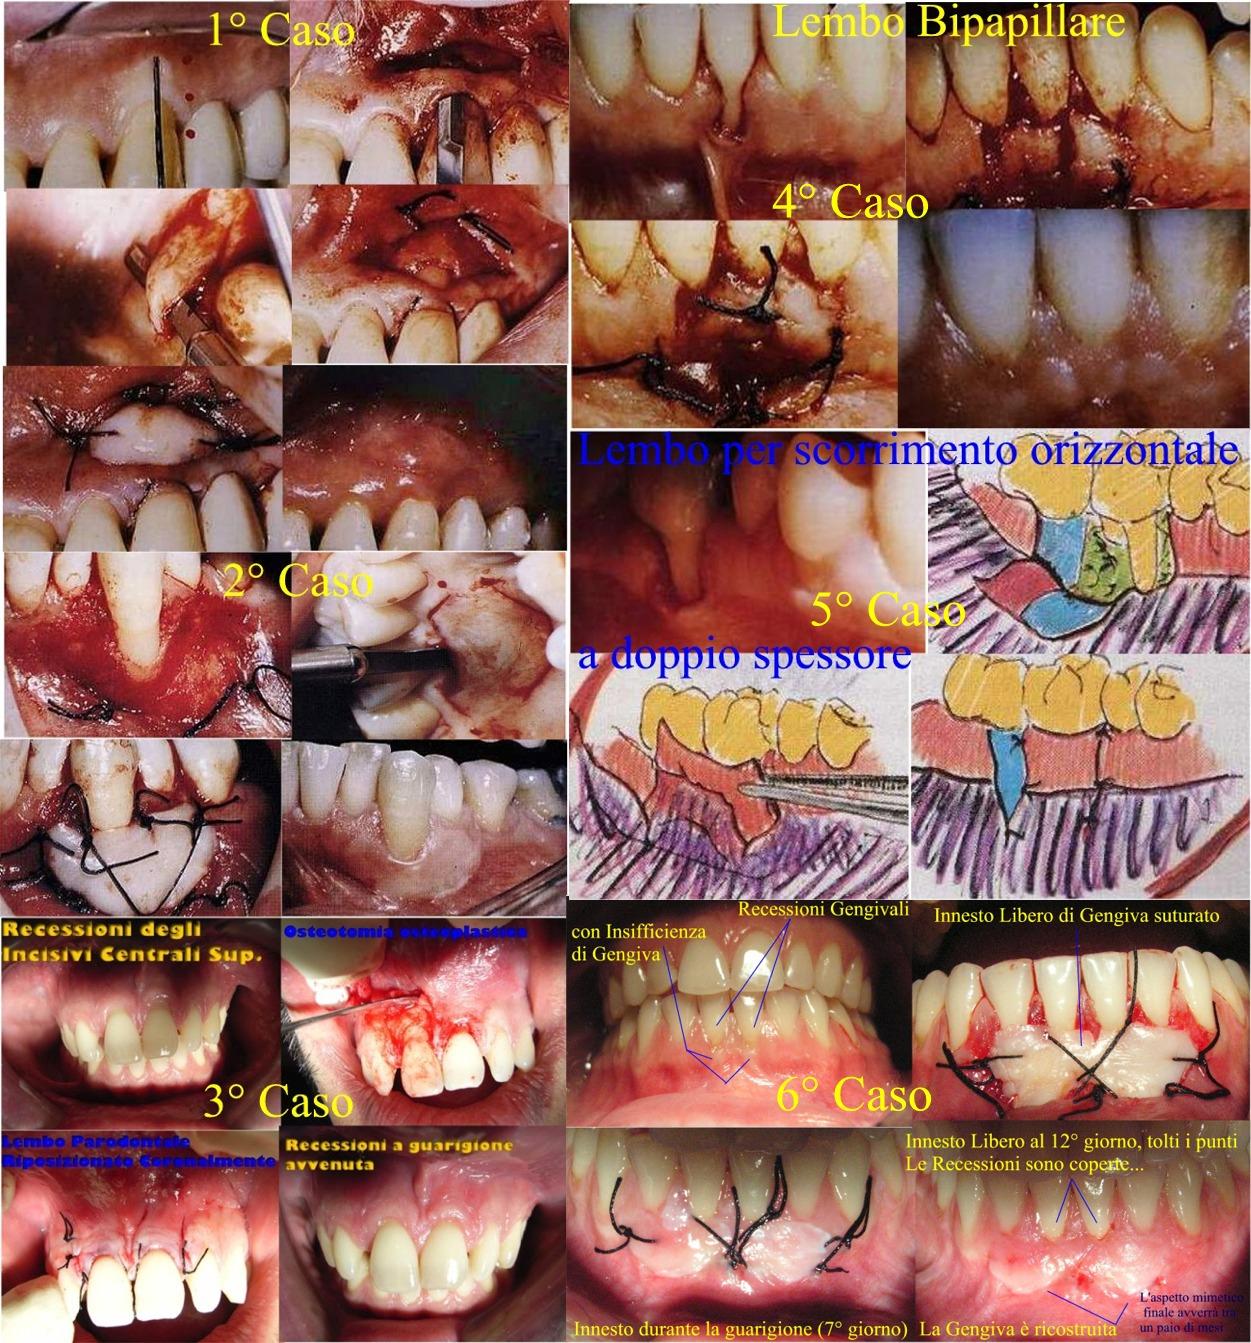 Recessioni Gengivali e alcune delle varie terapie di Chirurgia Parodontale Mucogengivale. Da casistica del Dr. Gustavo Petti Parodontologo di Cagliari